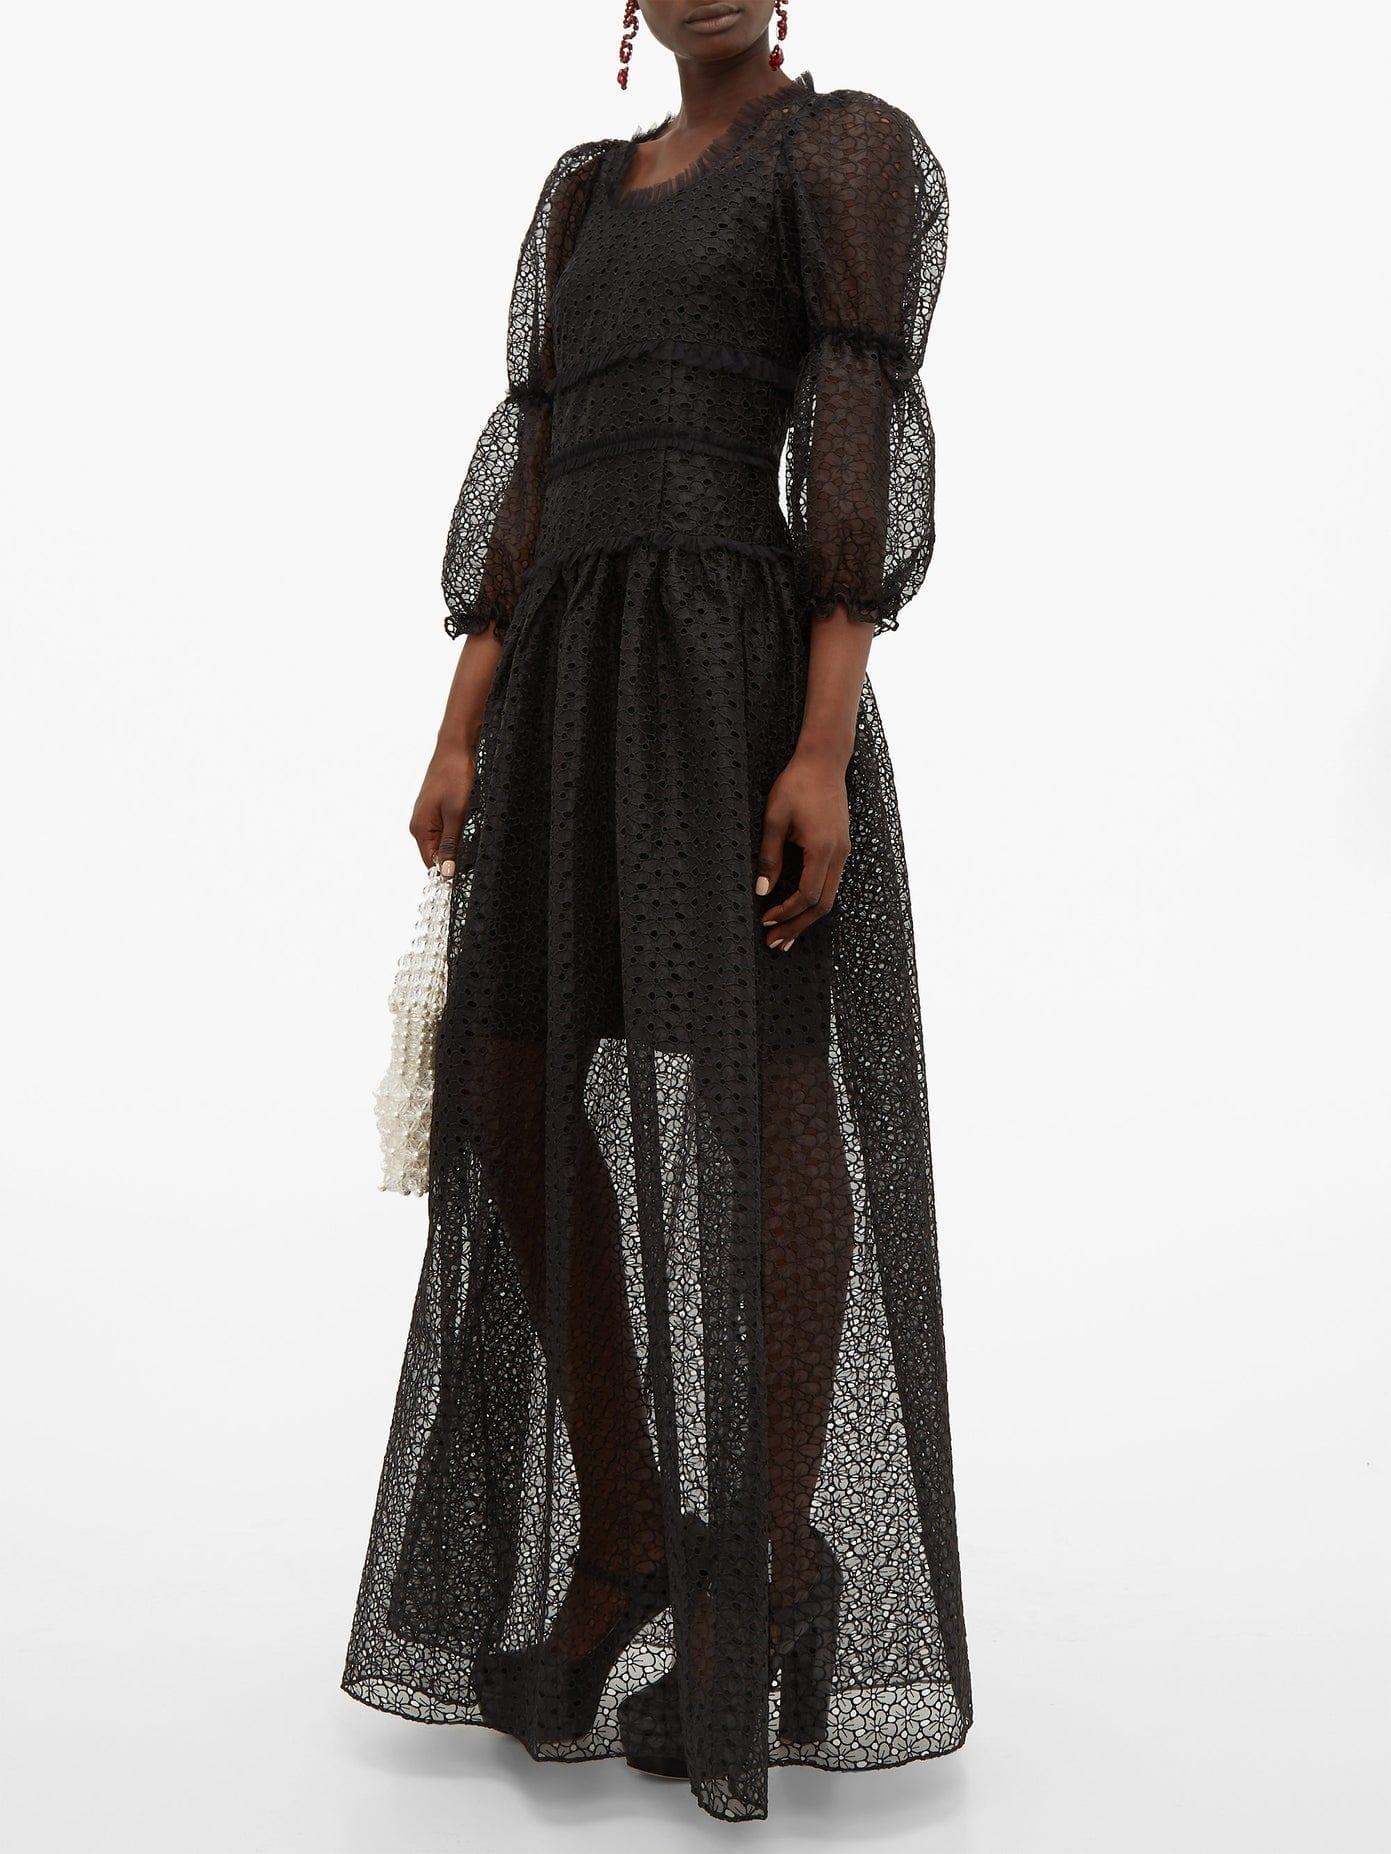 SHRIMPS Cara Broderie-anglaise Maxi Dress